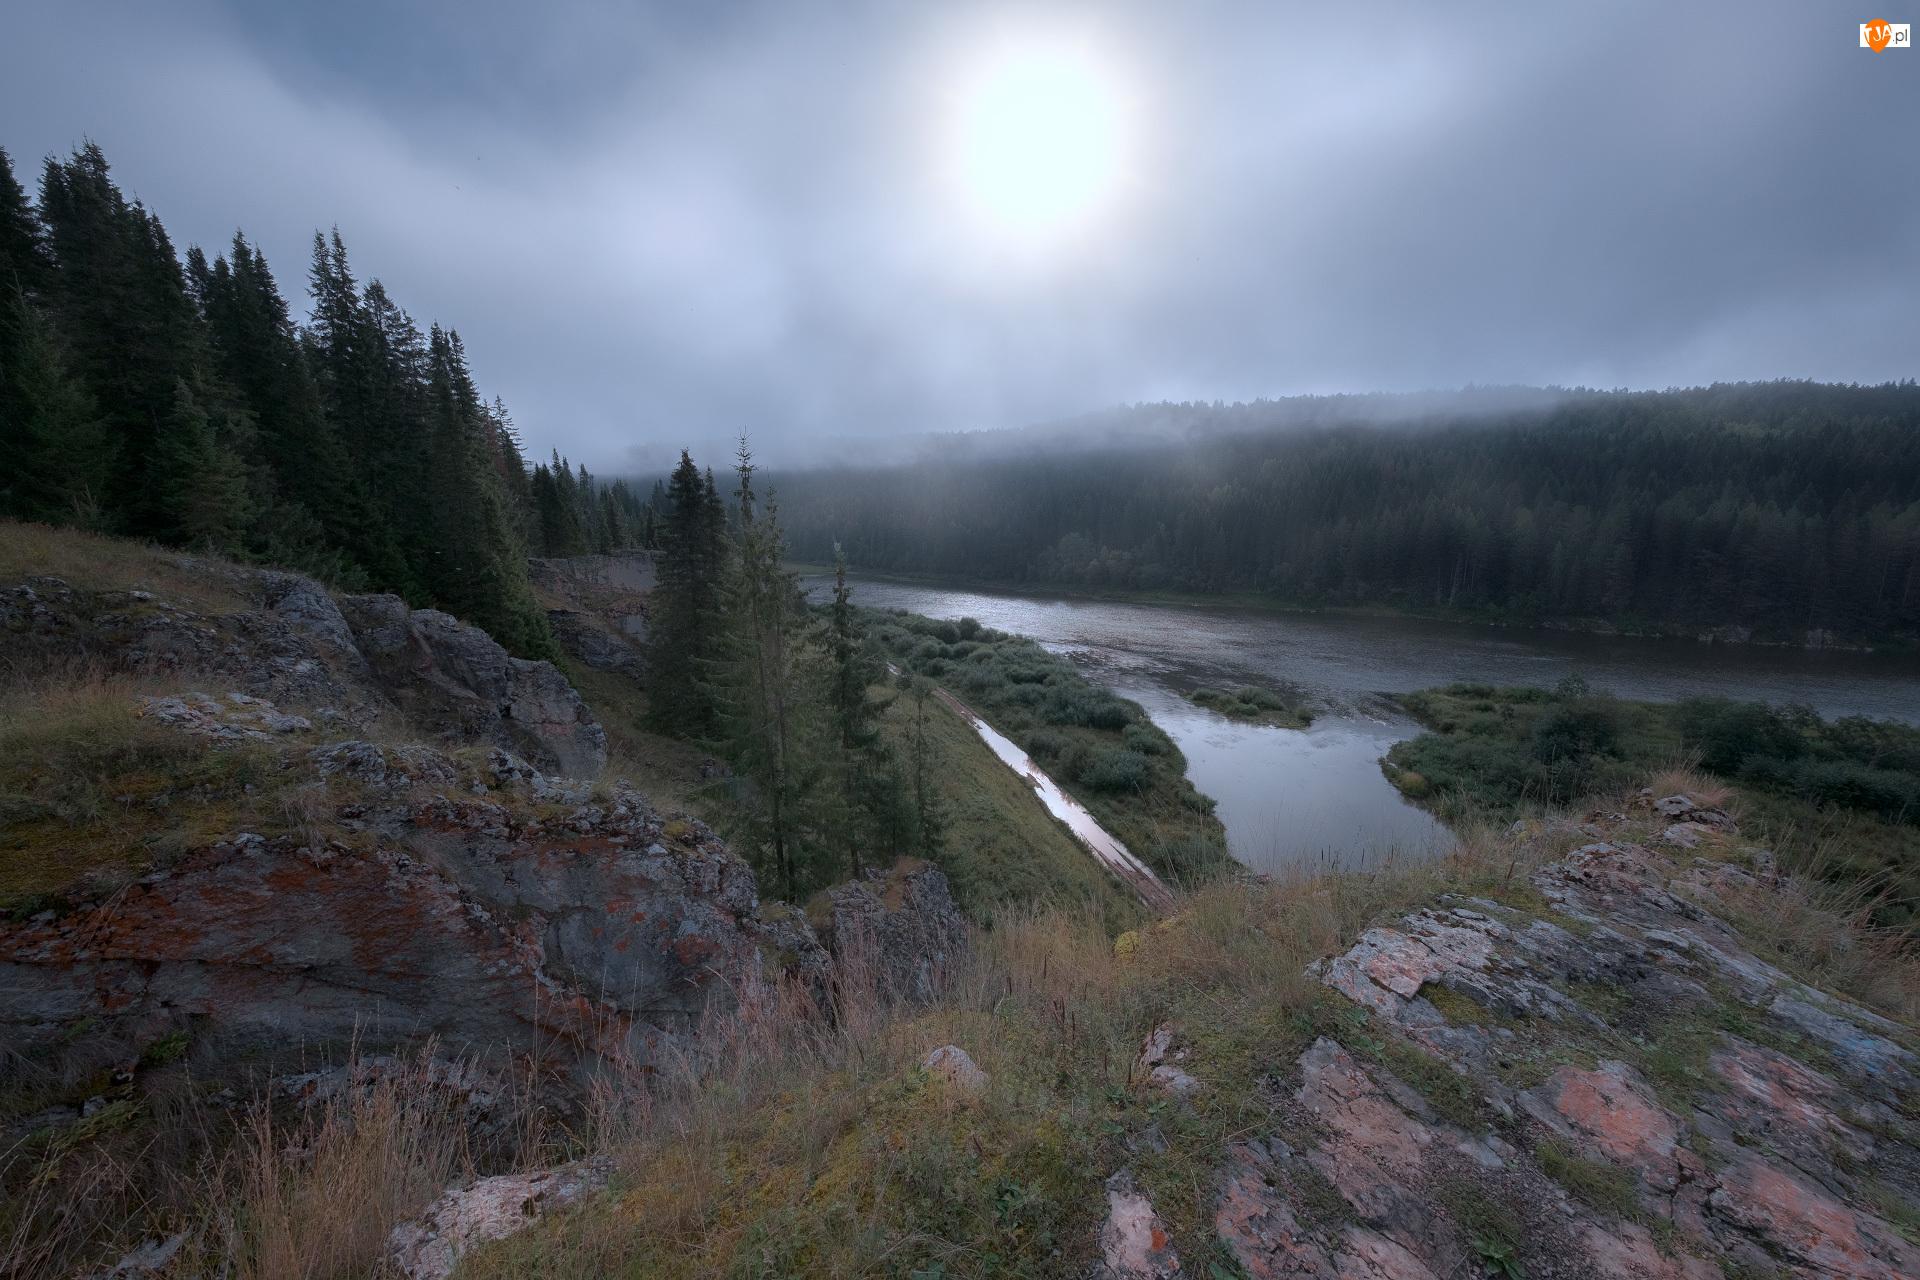 Skały, Drzewa, Rosja, Rzeka Czusowaja, Kraj Permski, Mgła, Trawa